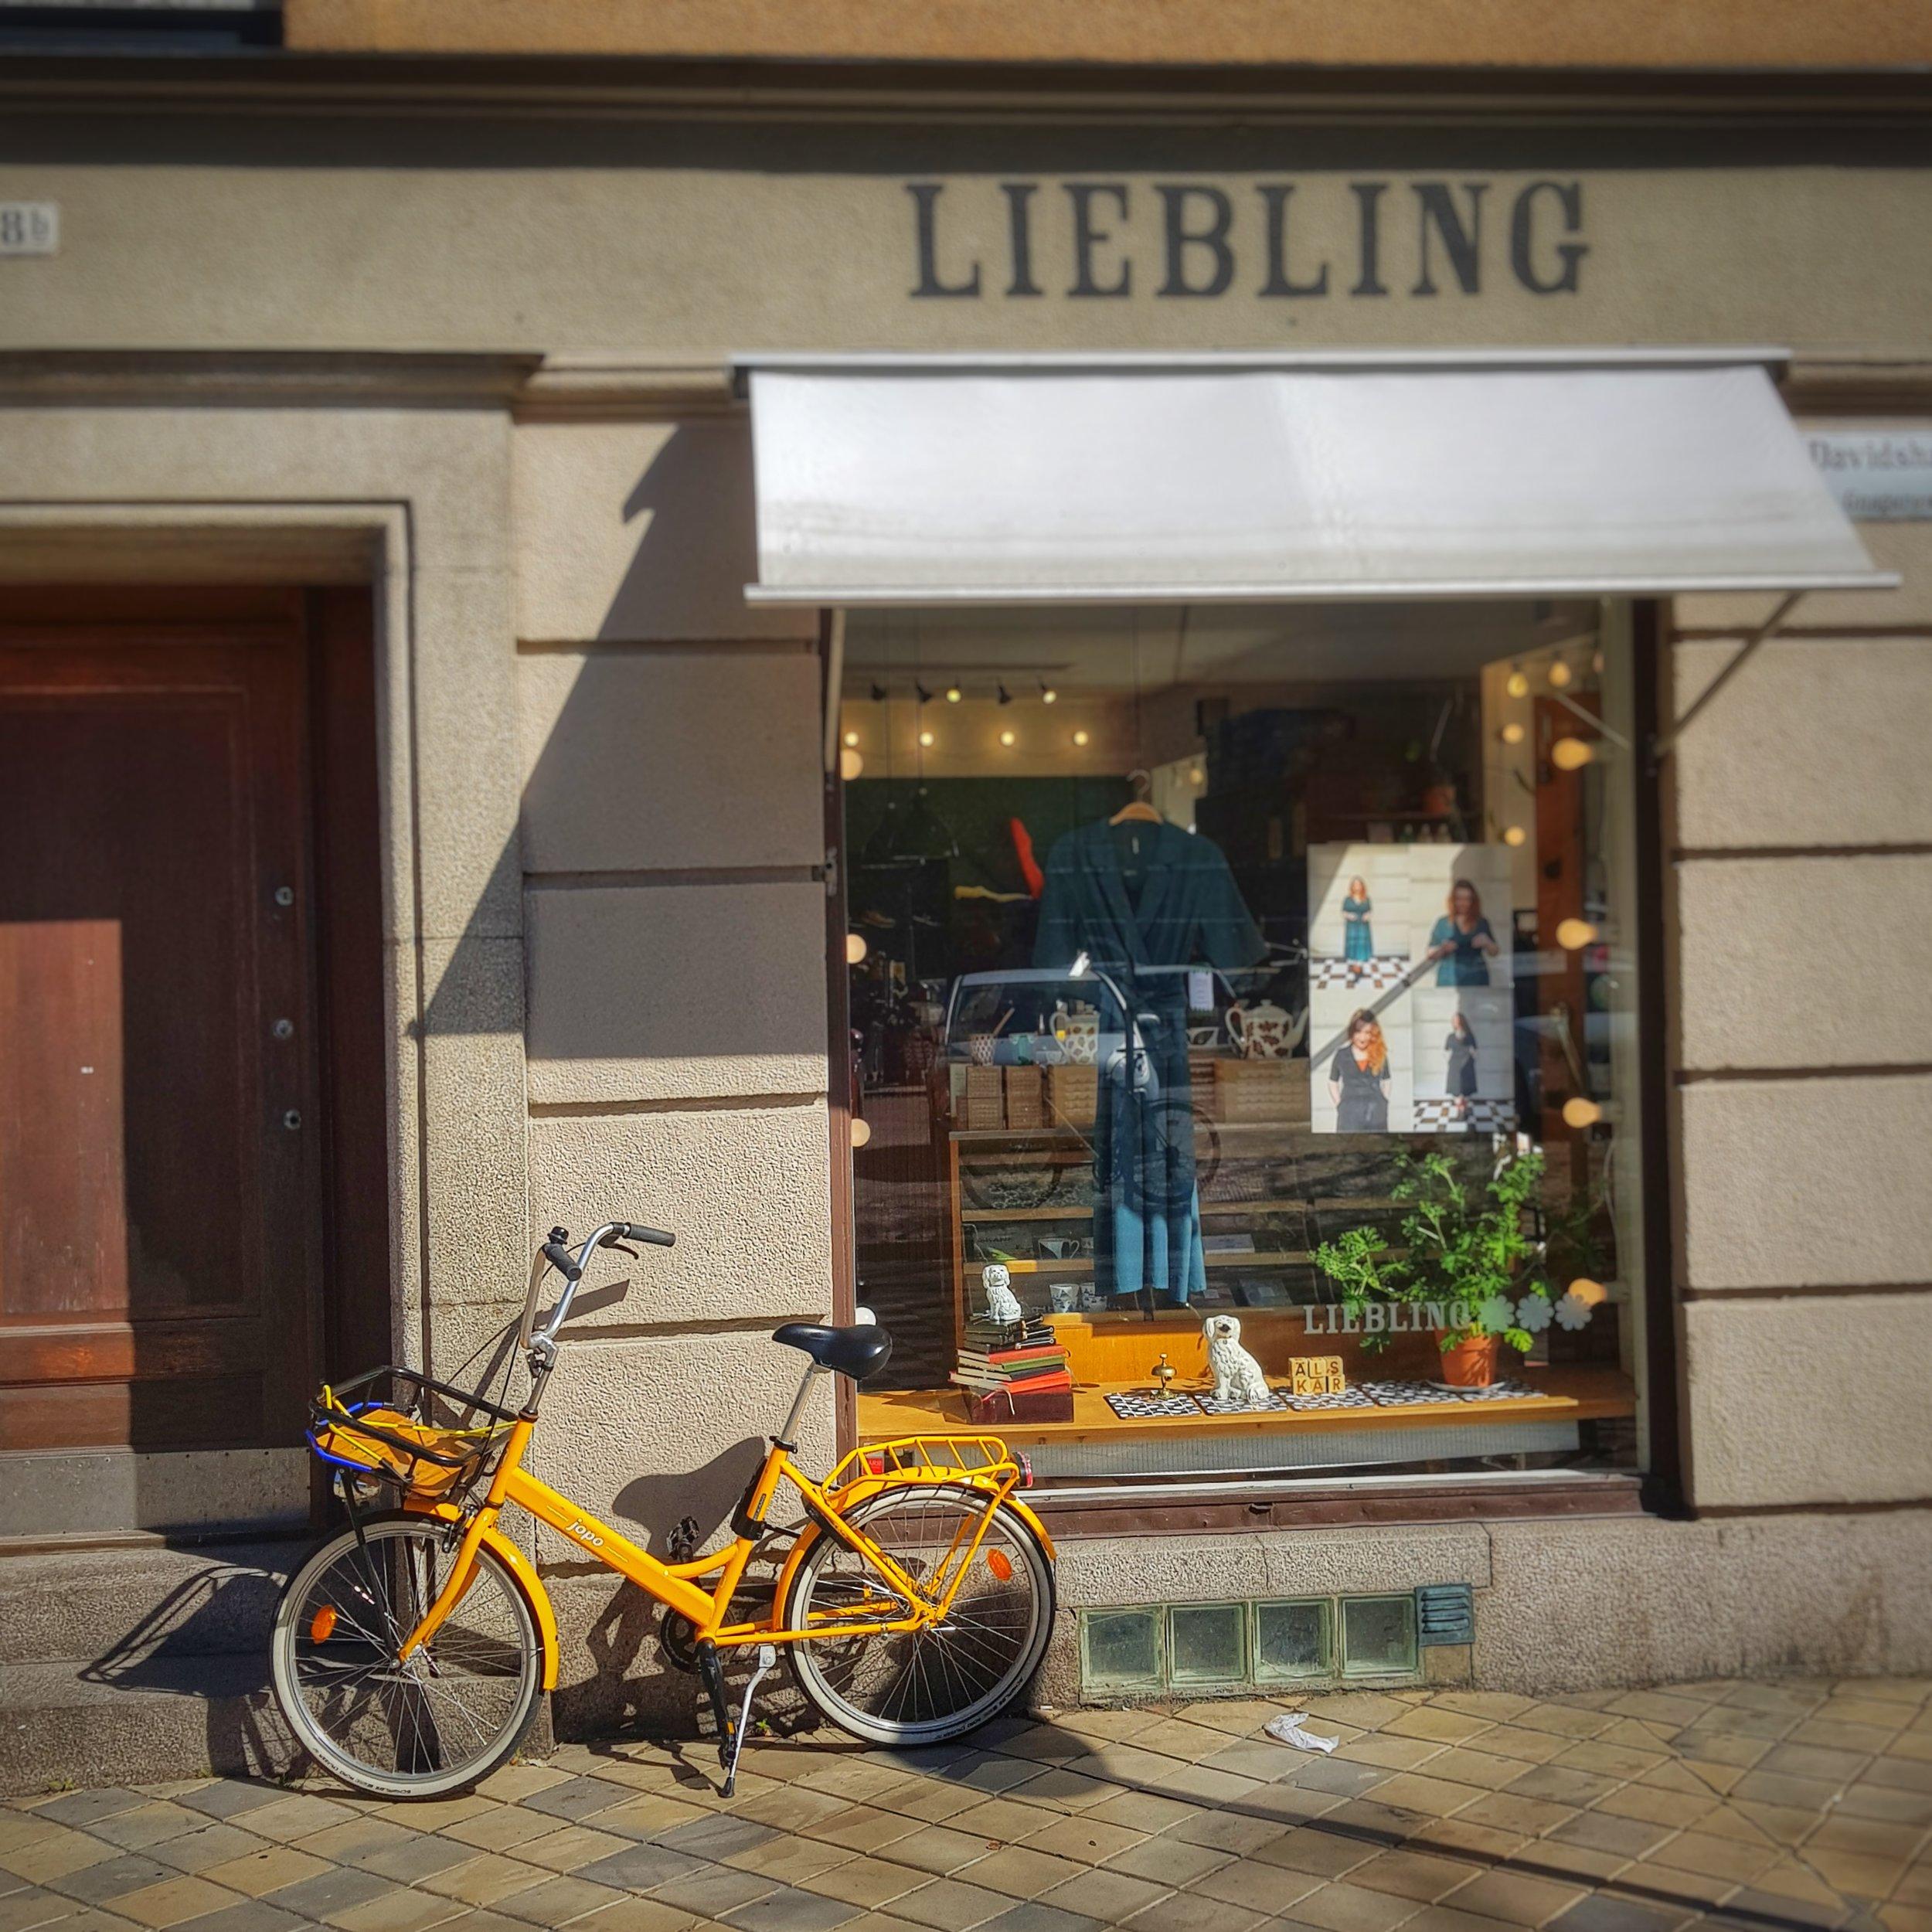 Day 108 - April 18: Yellow Bike